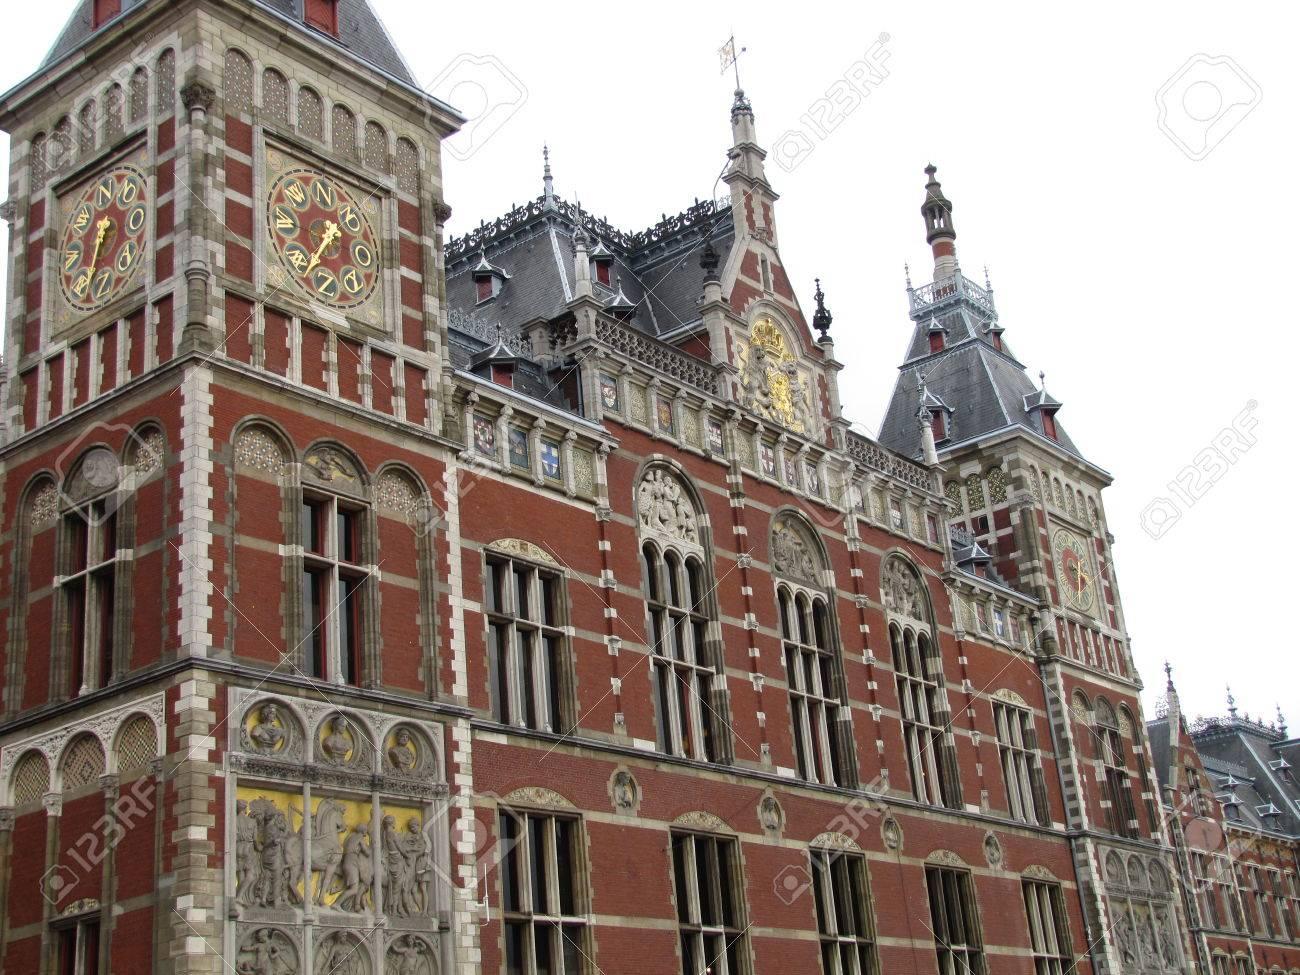 Amsterdam Architecture - 34359779